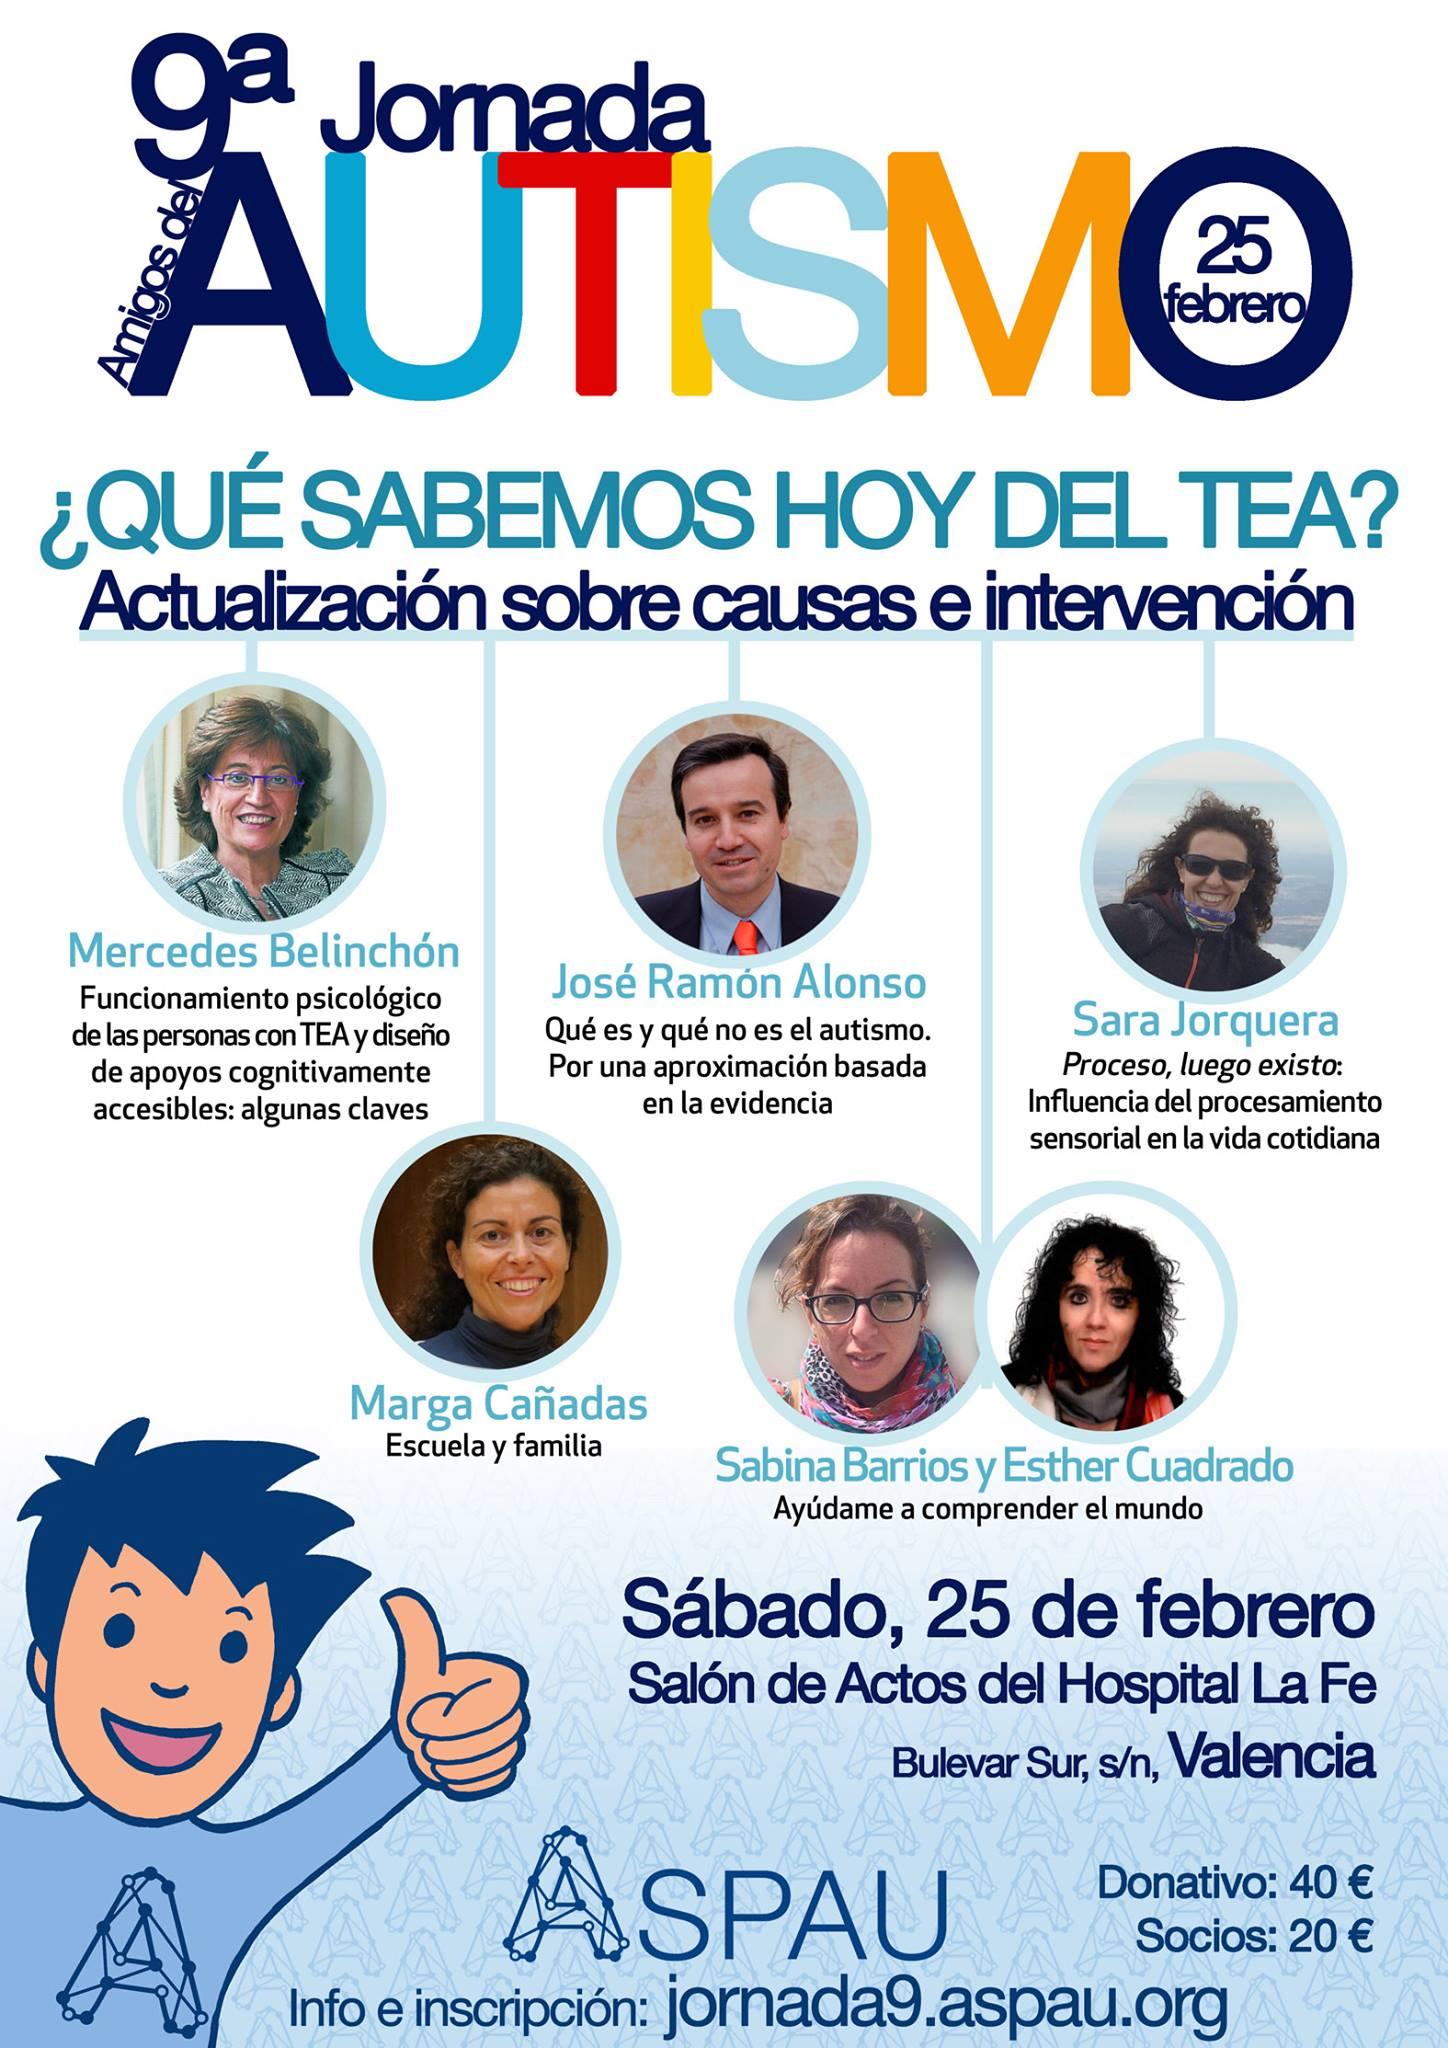 9ª Jornada de ASPAU ¿Qué sabemos hoy del TEA? @ Hospital La Fe   Valencia   Comunidad Valenciana